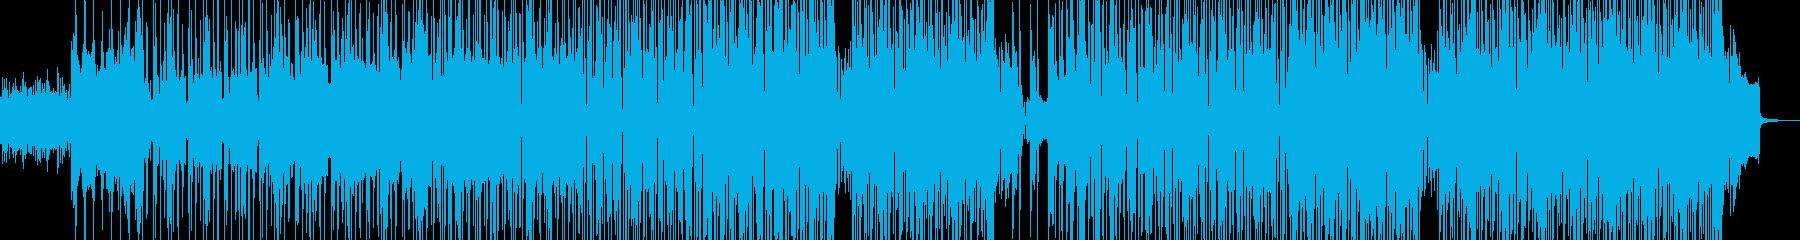 無機質でエモいヒップホップ 長尺+の再生済みの波形